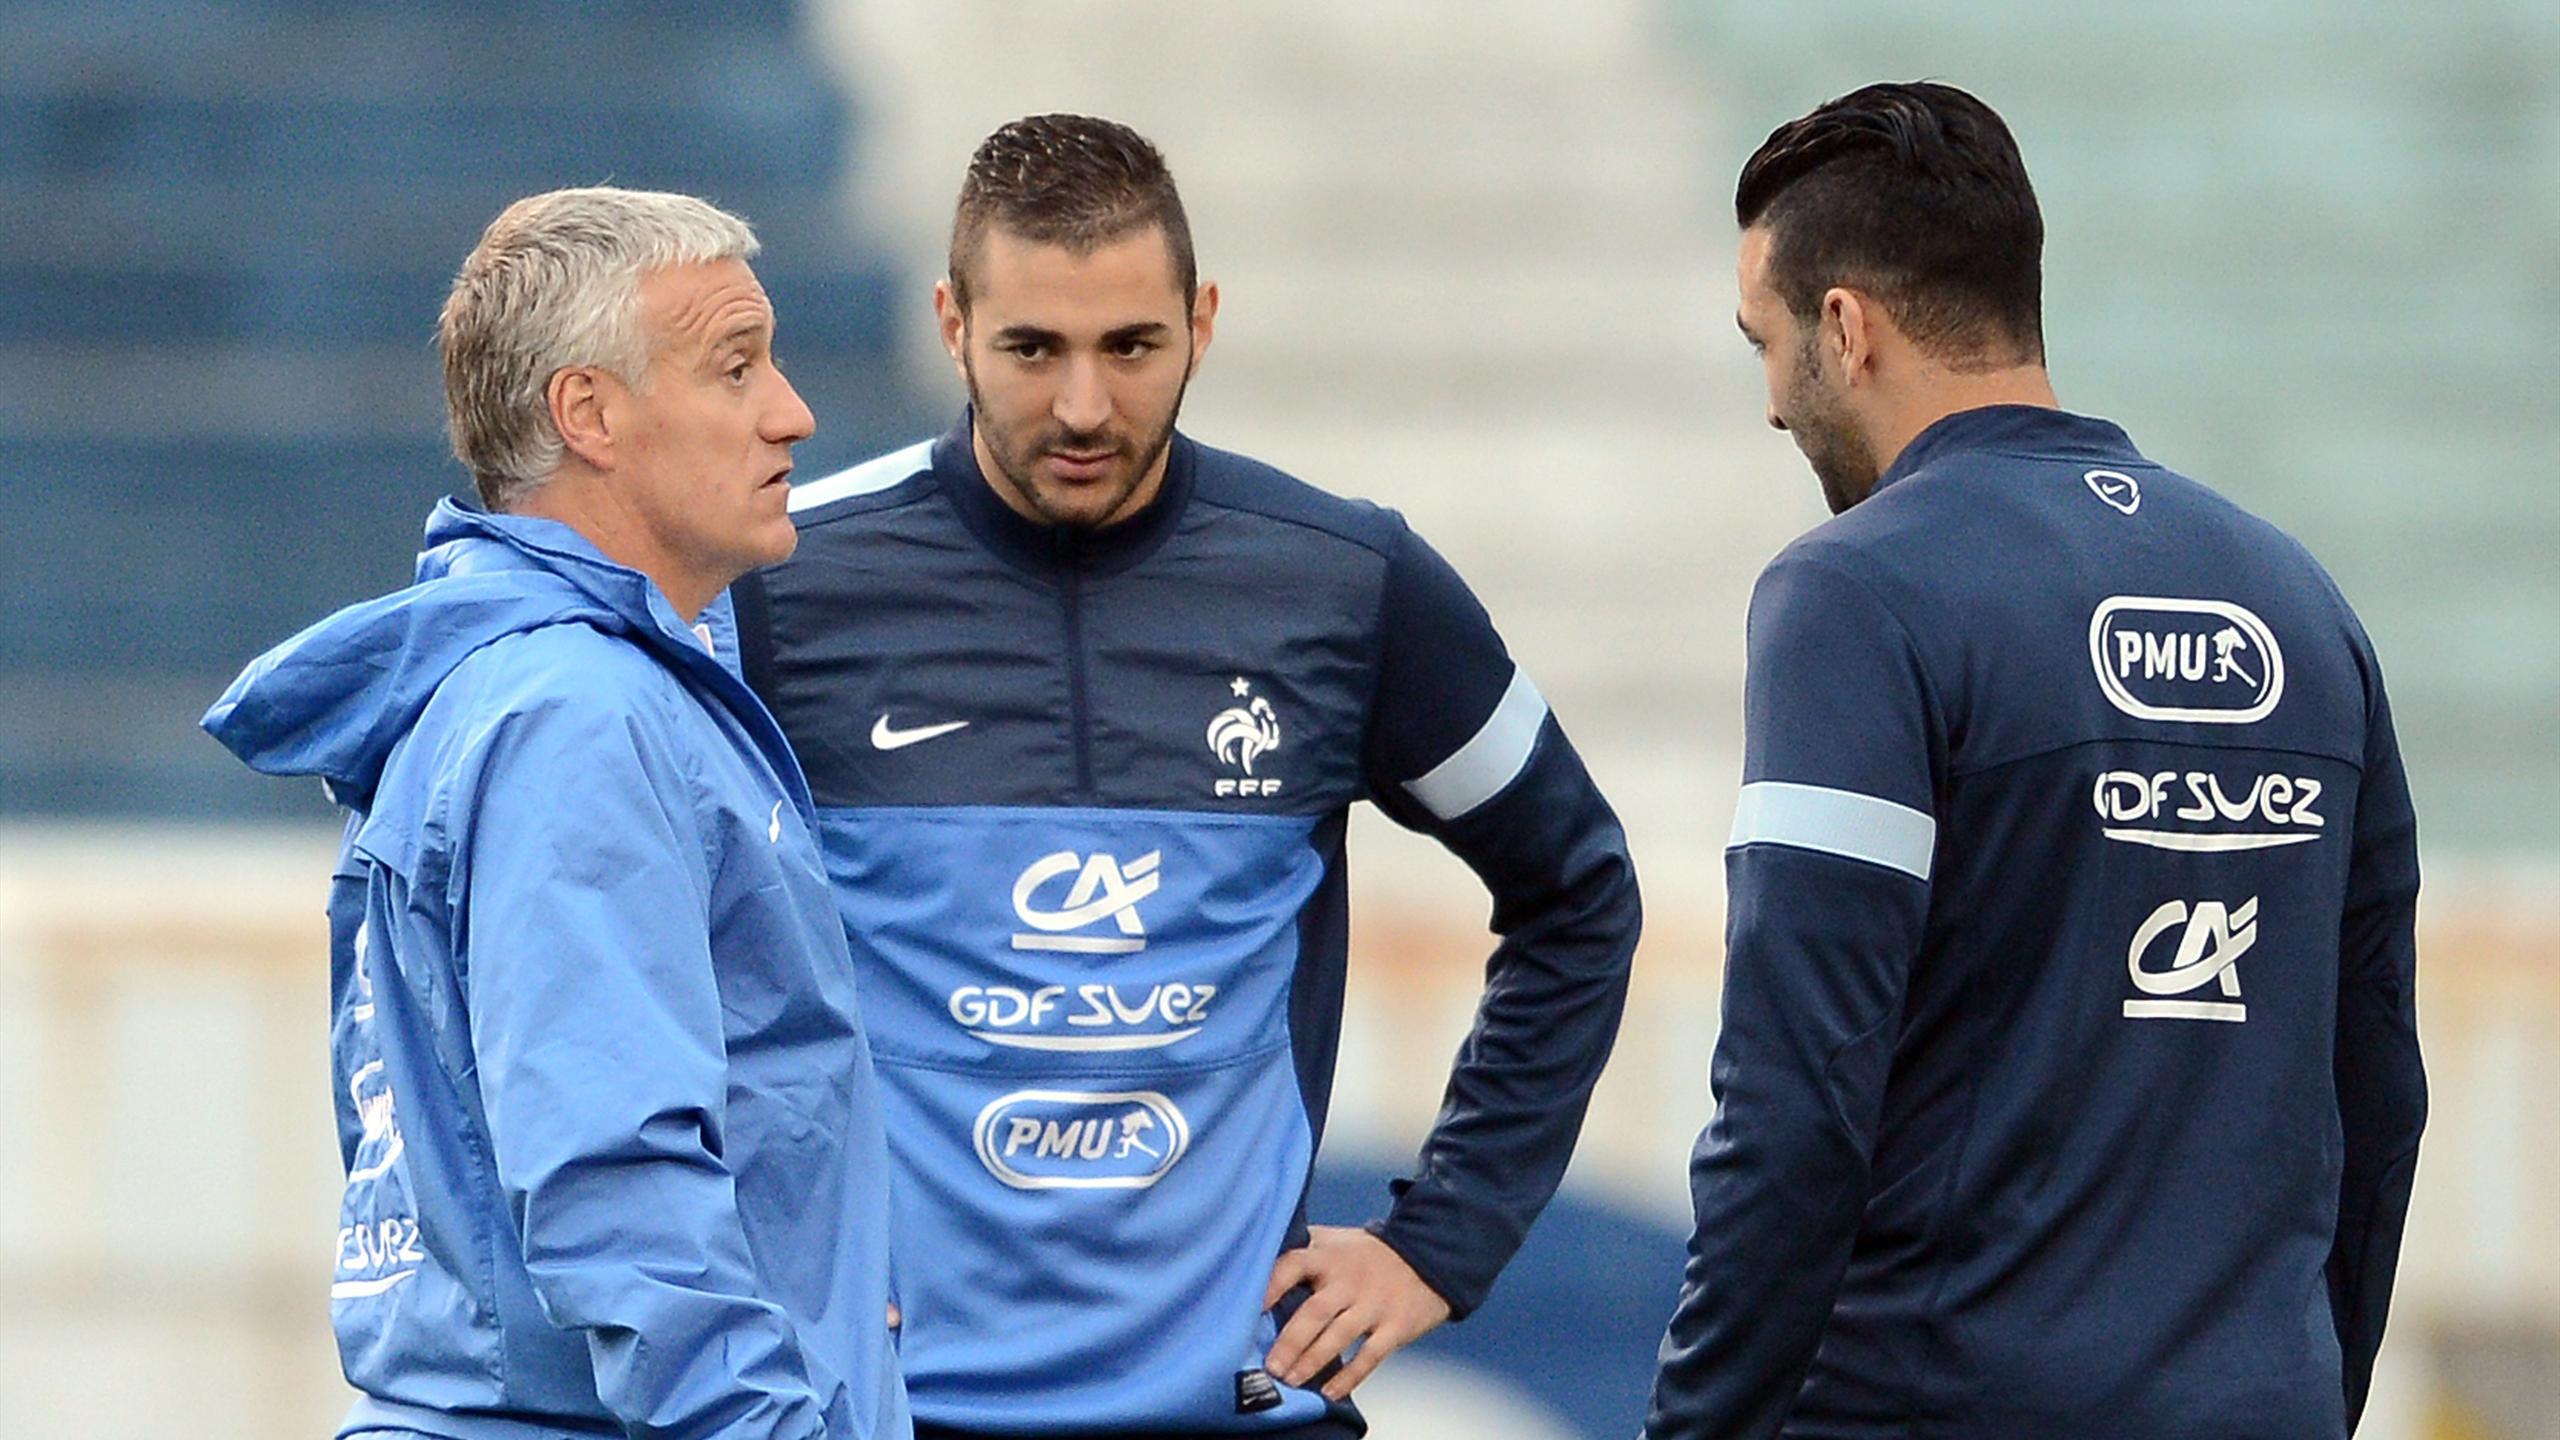 Deschamps discute avec Benzema et Rami au Brésil en juin 2013